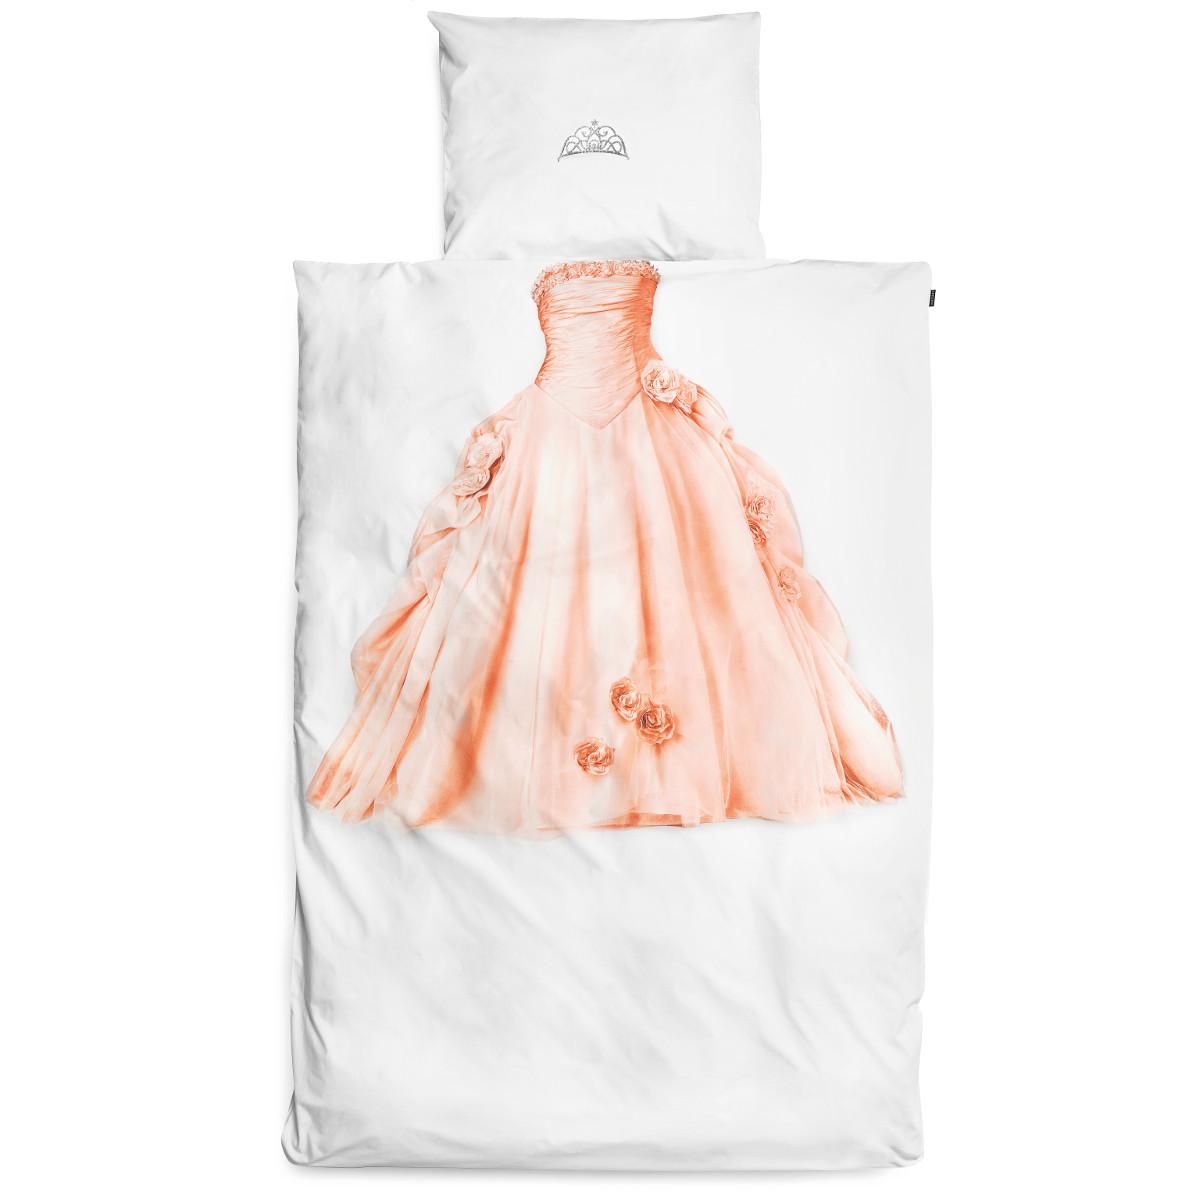 Sängkläder: prinsessa